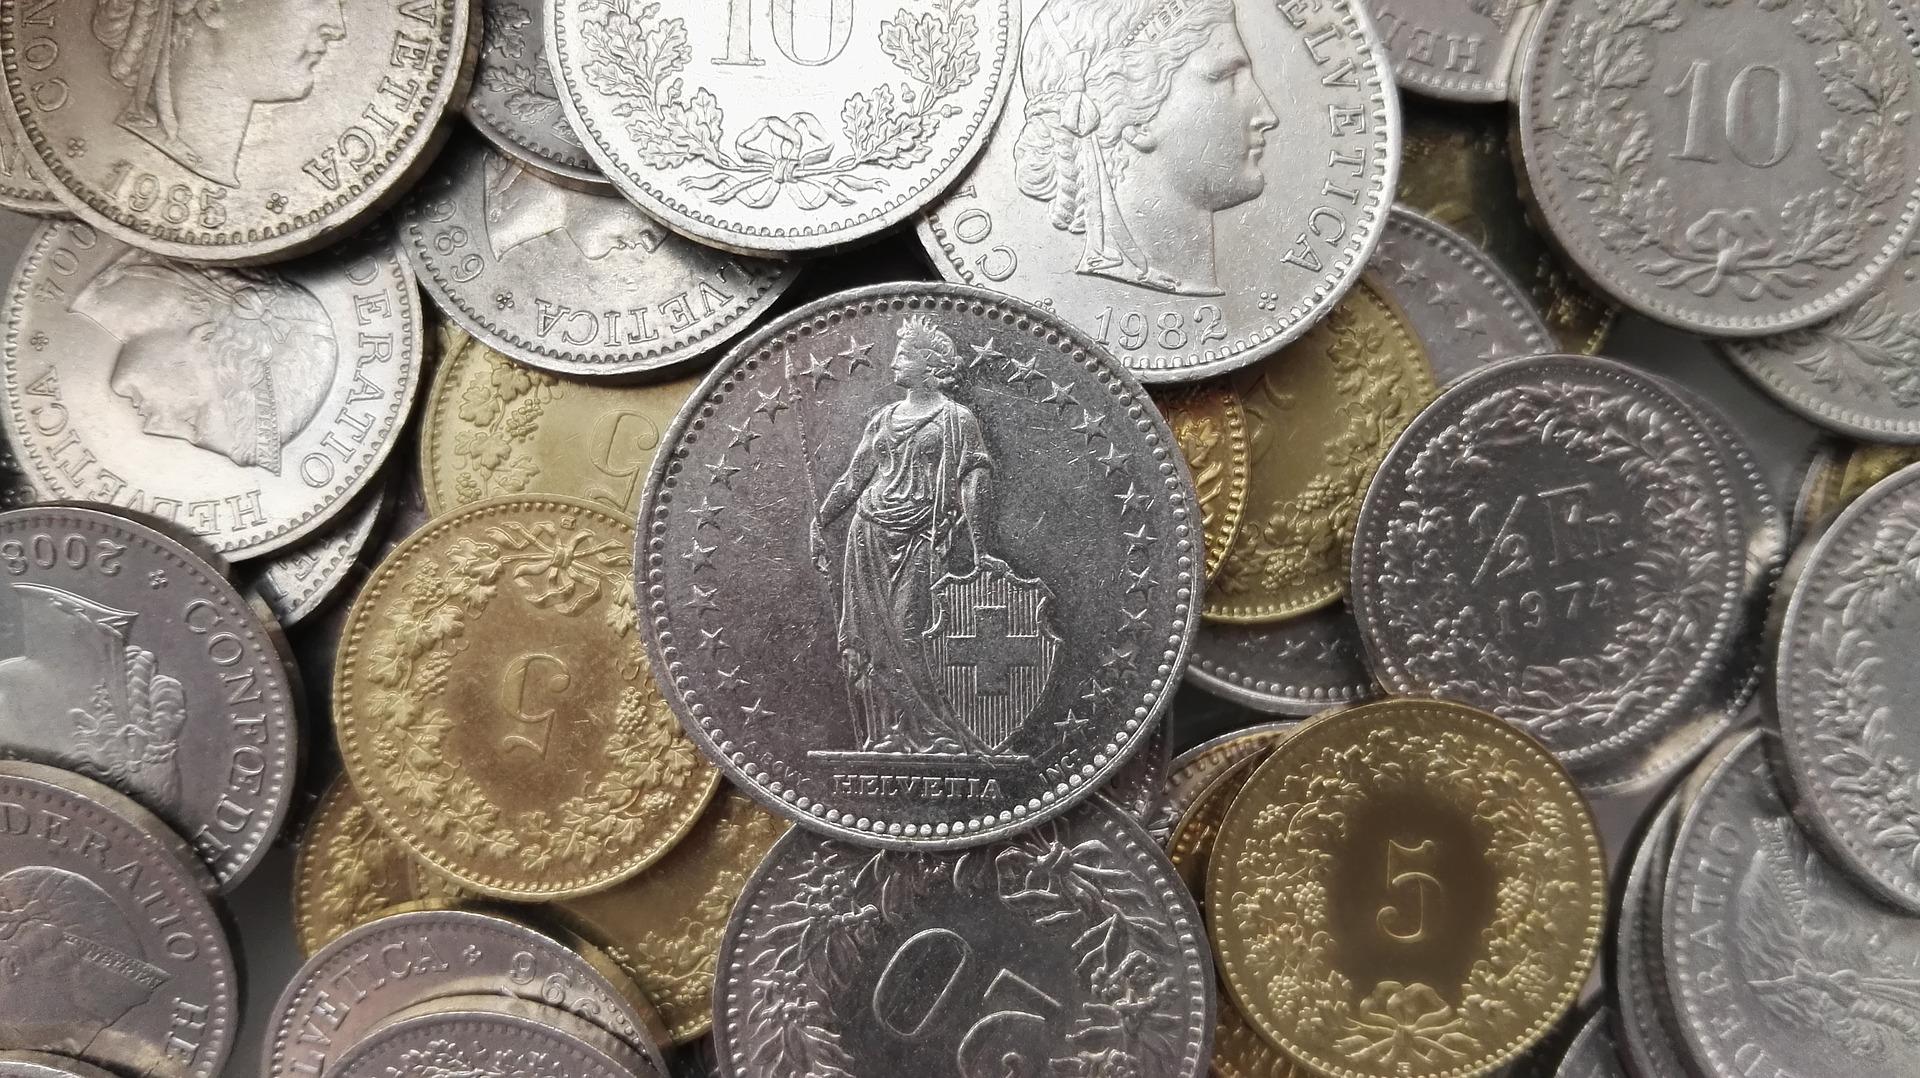 pièce francs suisse